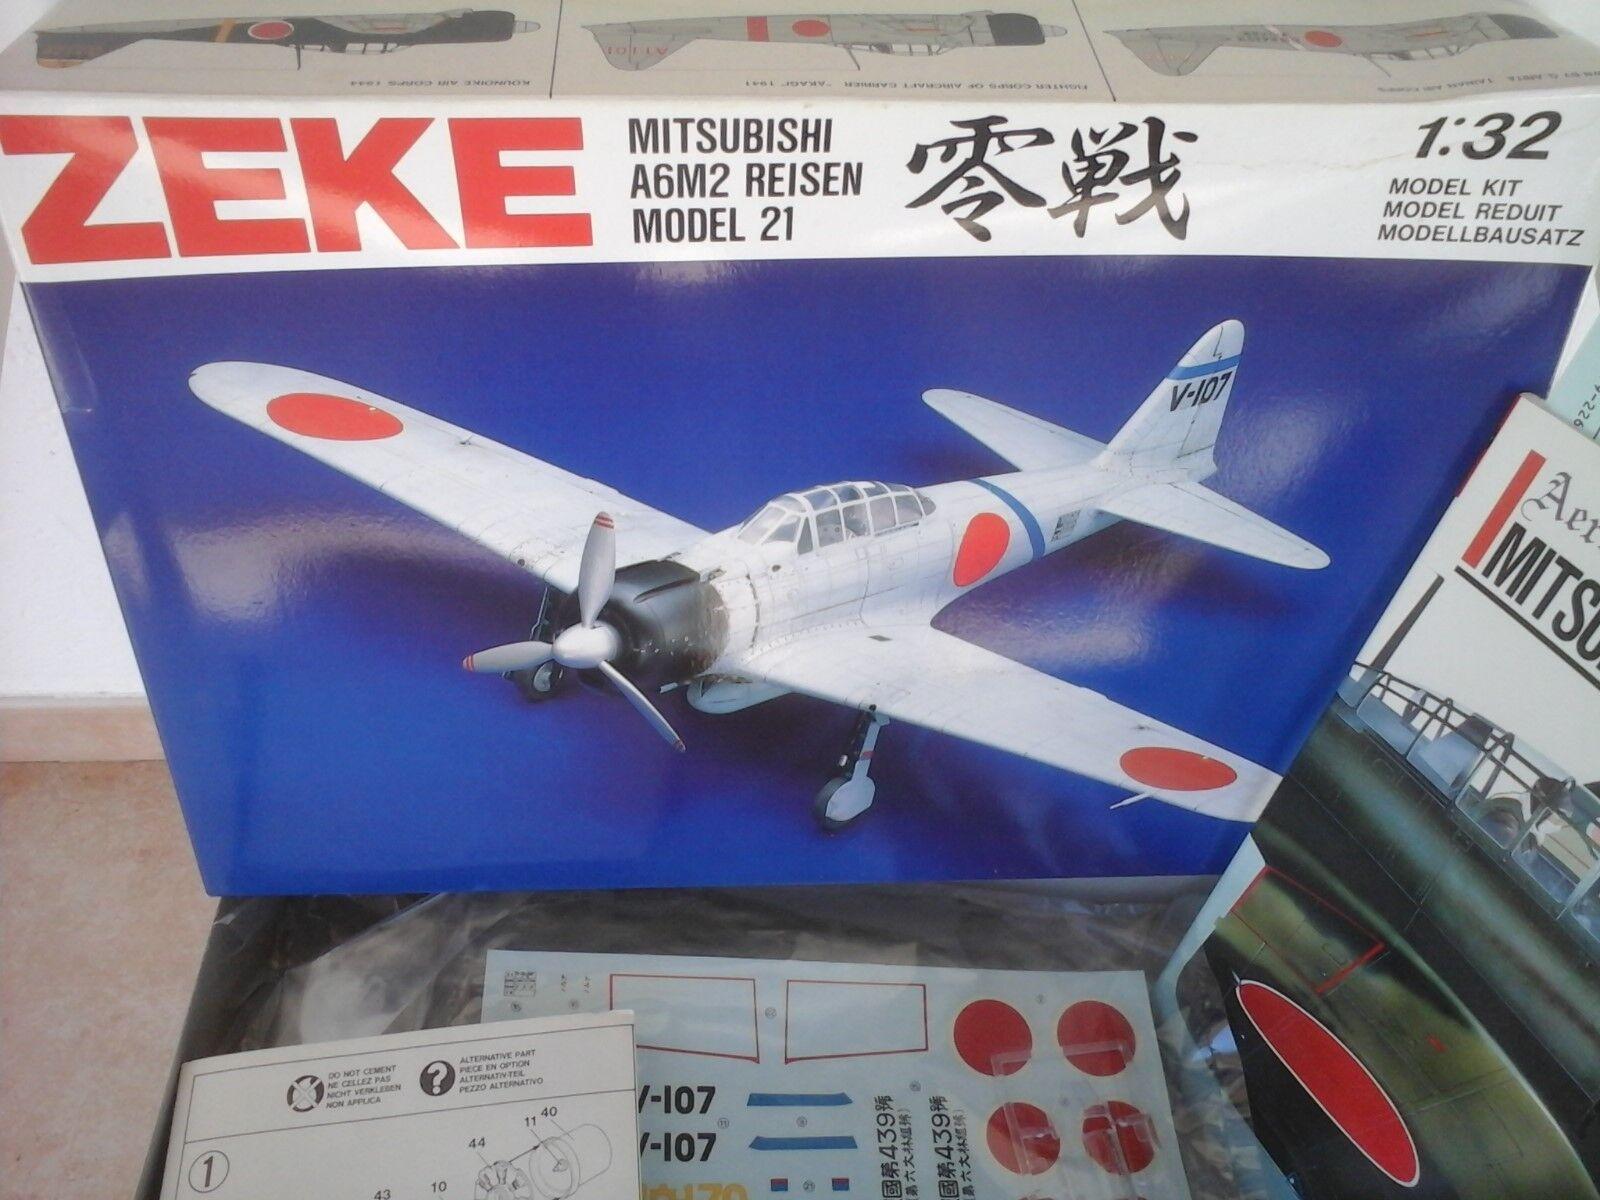 ZEKE MITSUBISHI- A6M2 REISEN MODEL 21  1 32 SWALLOW MODEL